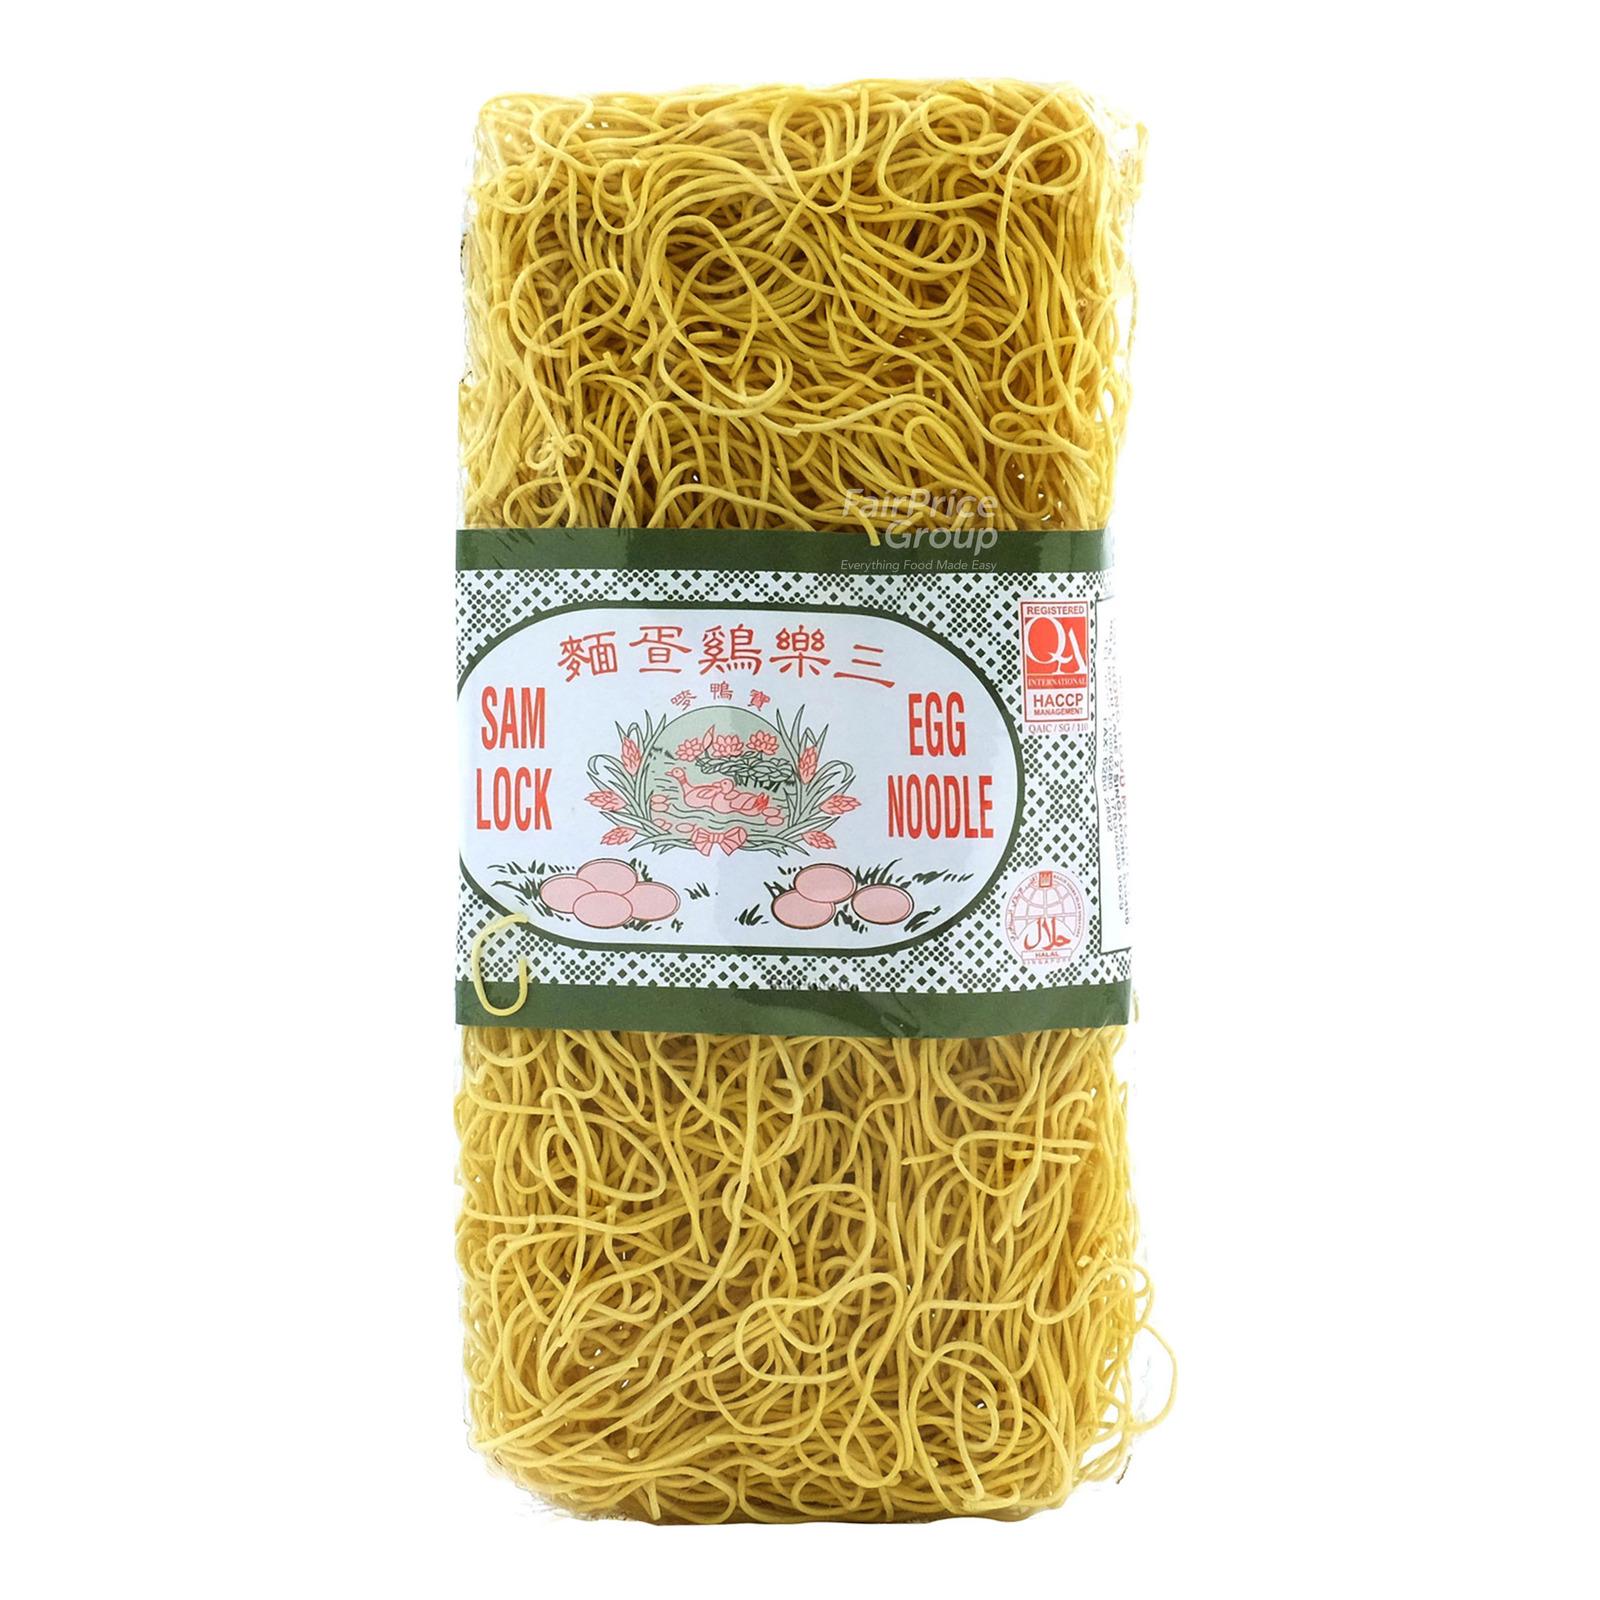 Sam Lock Egg Noodles